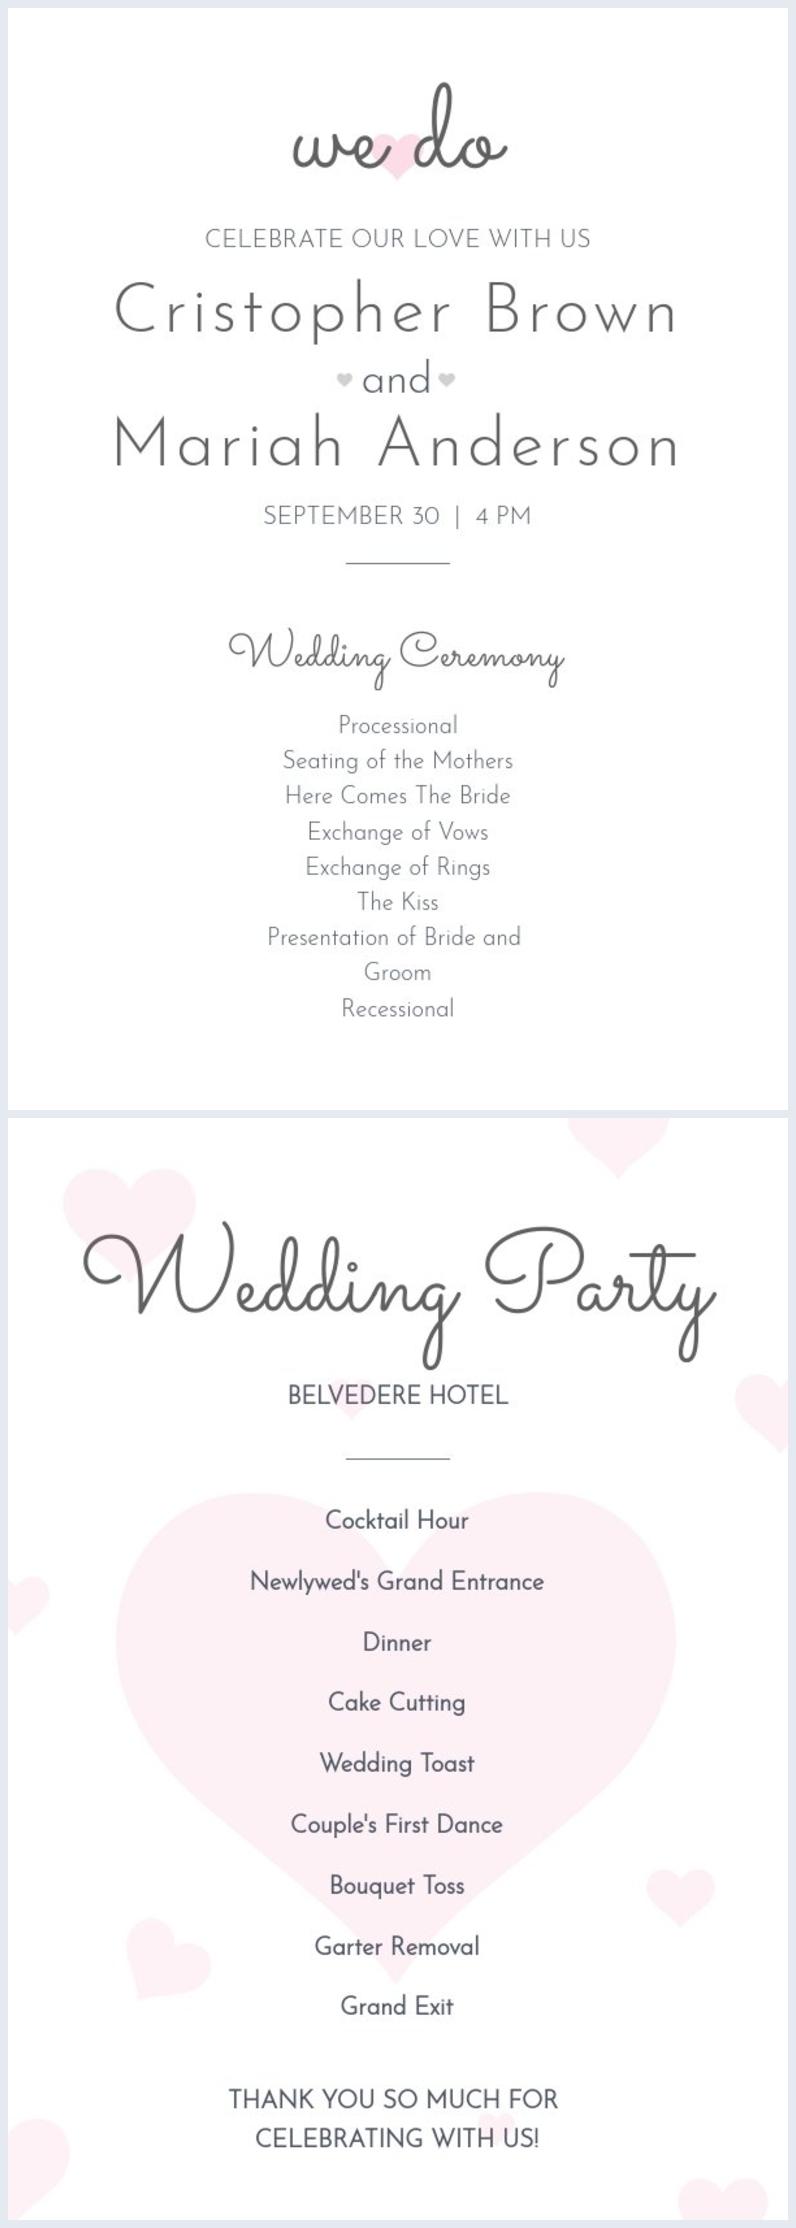 Programa de bodas en el ventilador